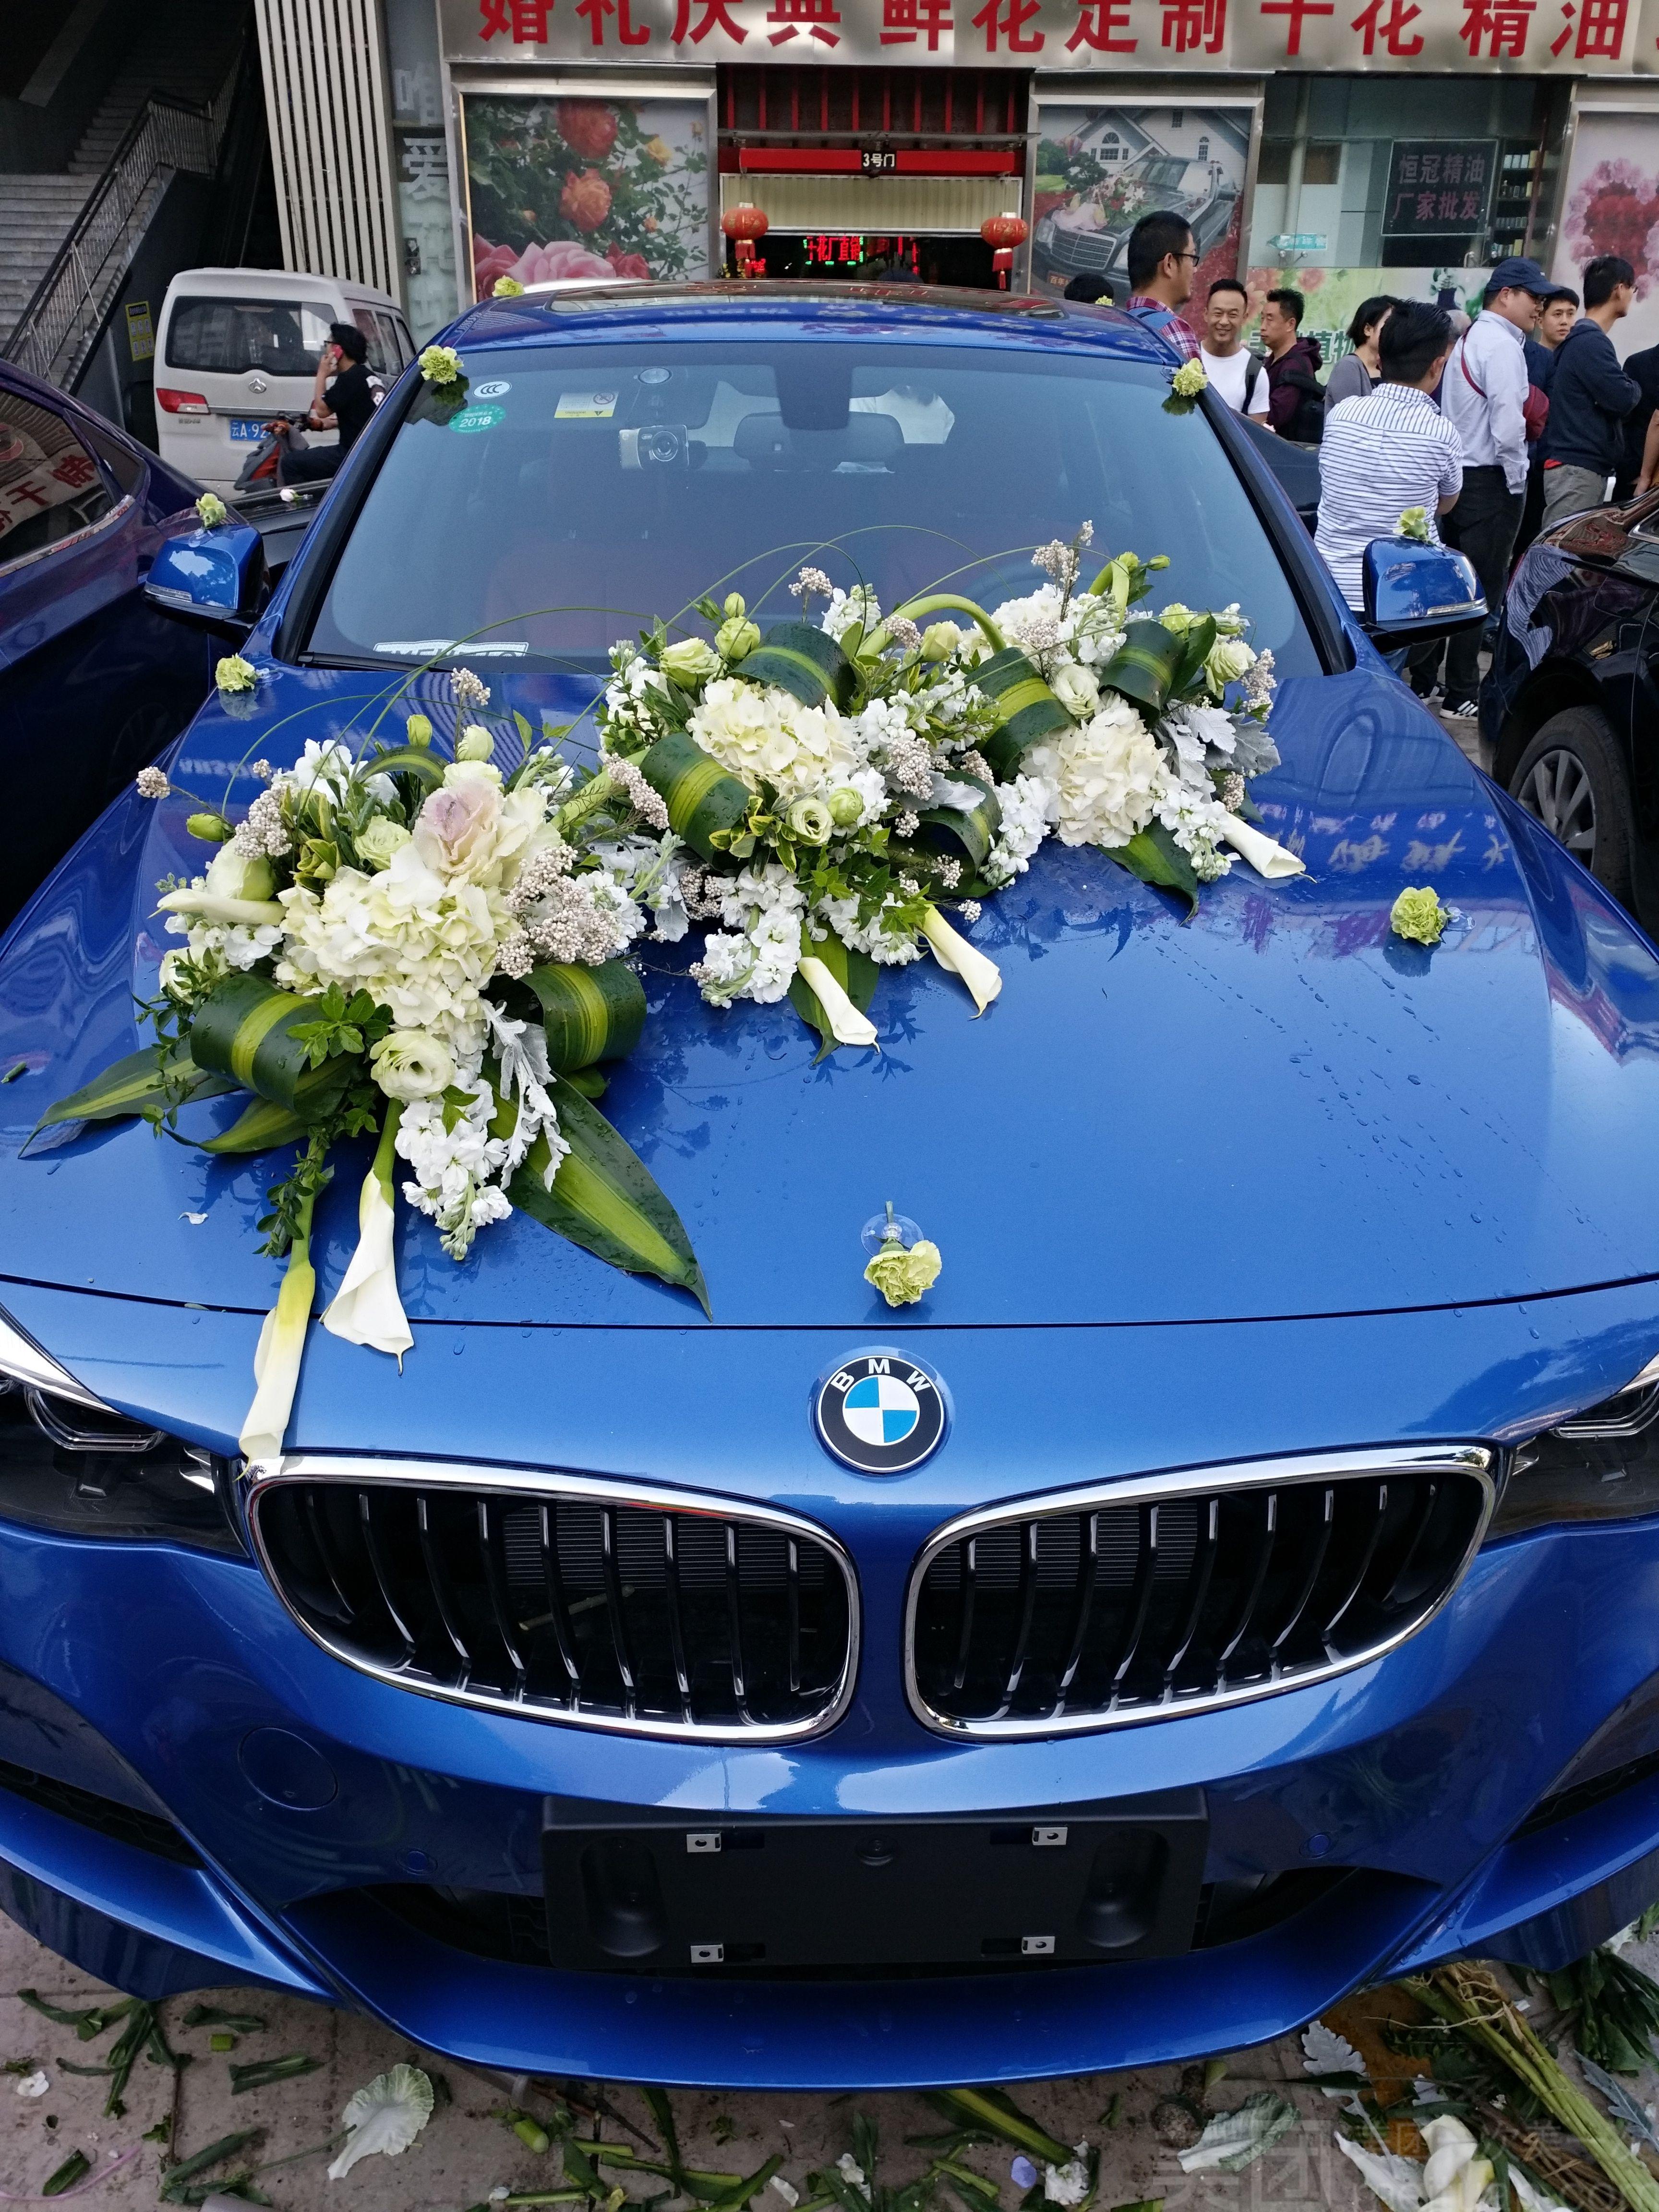 婚车装饰_迷恋花卉婚车装饰